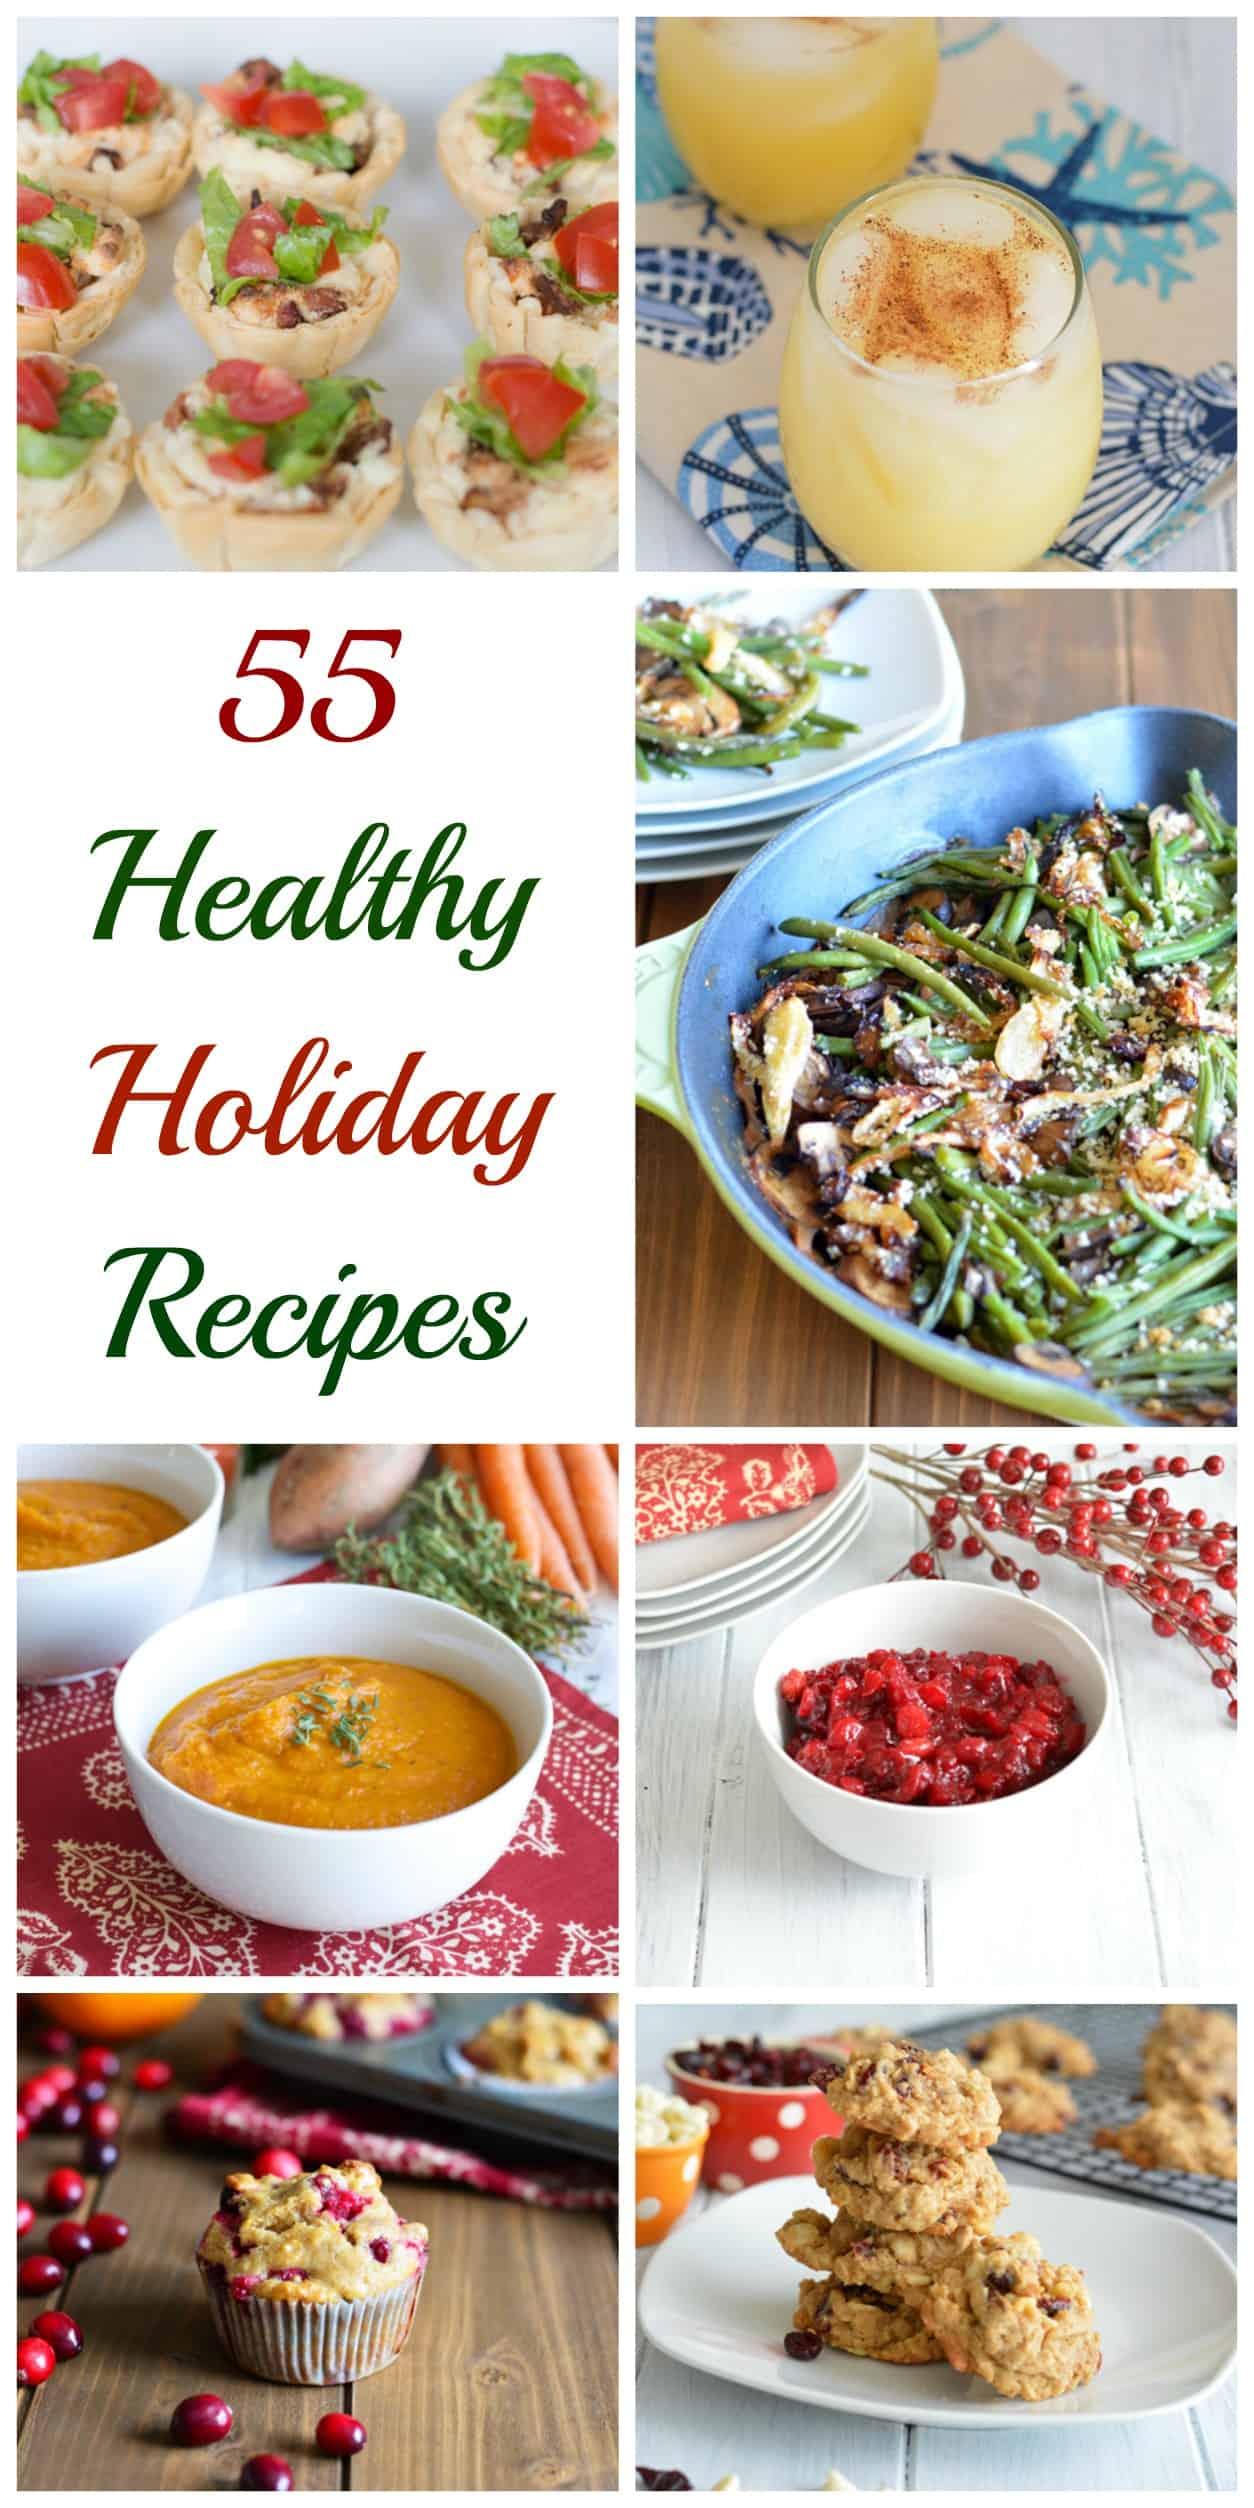 55 Healthy Holiday Recipes